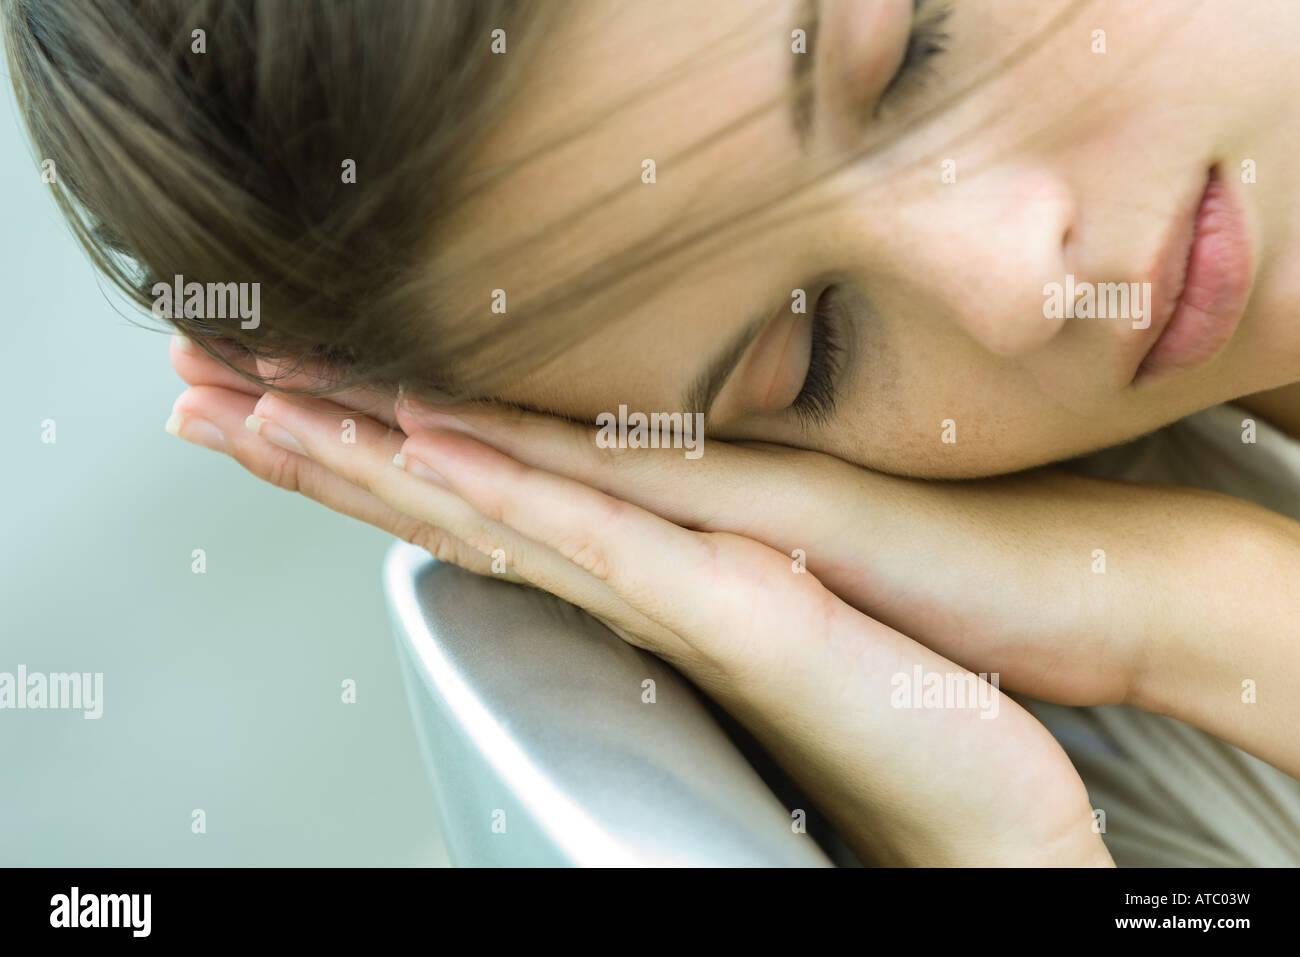 Ragazza adolescente appoggiato la testa sulle mani giunte a occhi chiusi, close-up Immagini Stock